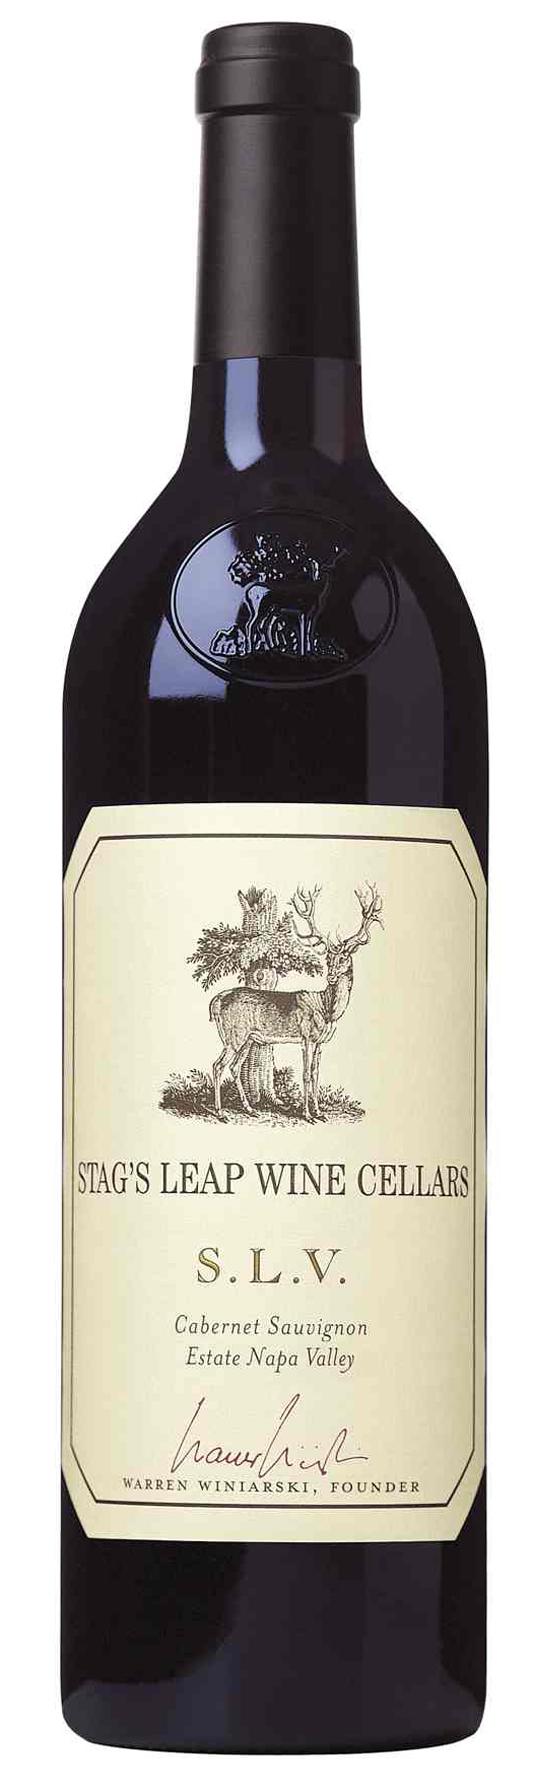 2013 S.L.V. Cabernet Sauvignon Stag's Leap Wine Cellars